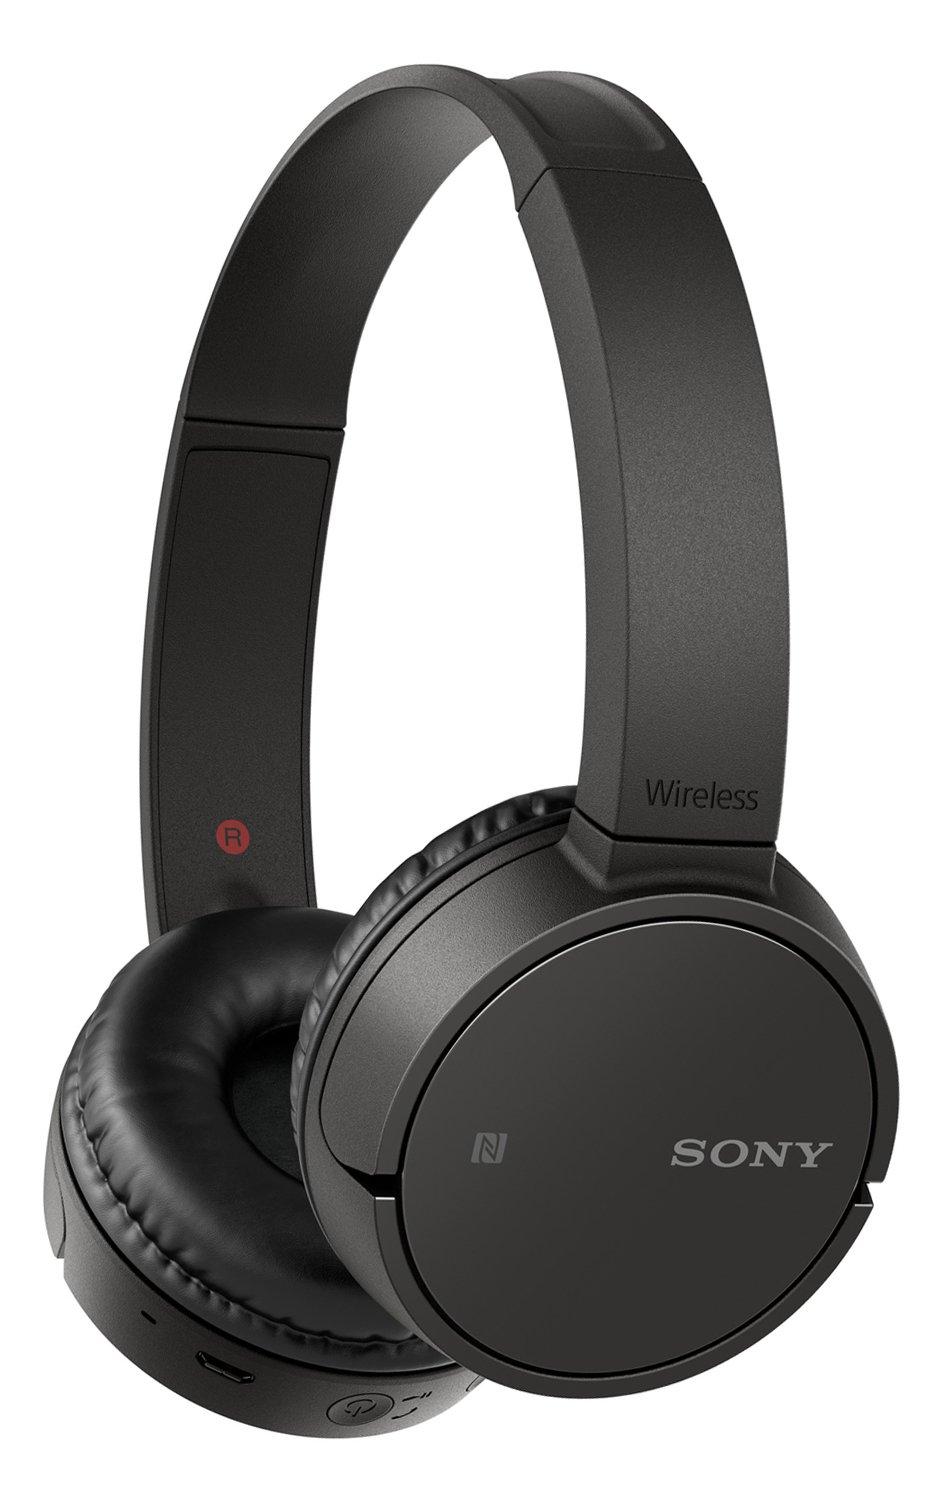 Sony WH-CH500 On-Ear Wireless Headphones - Black - £29.99 @ Argos